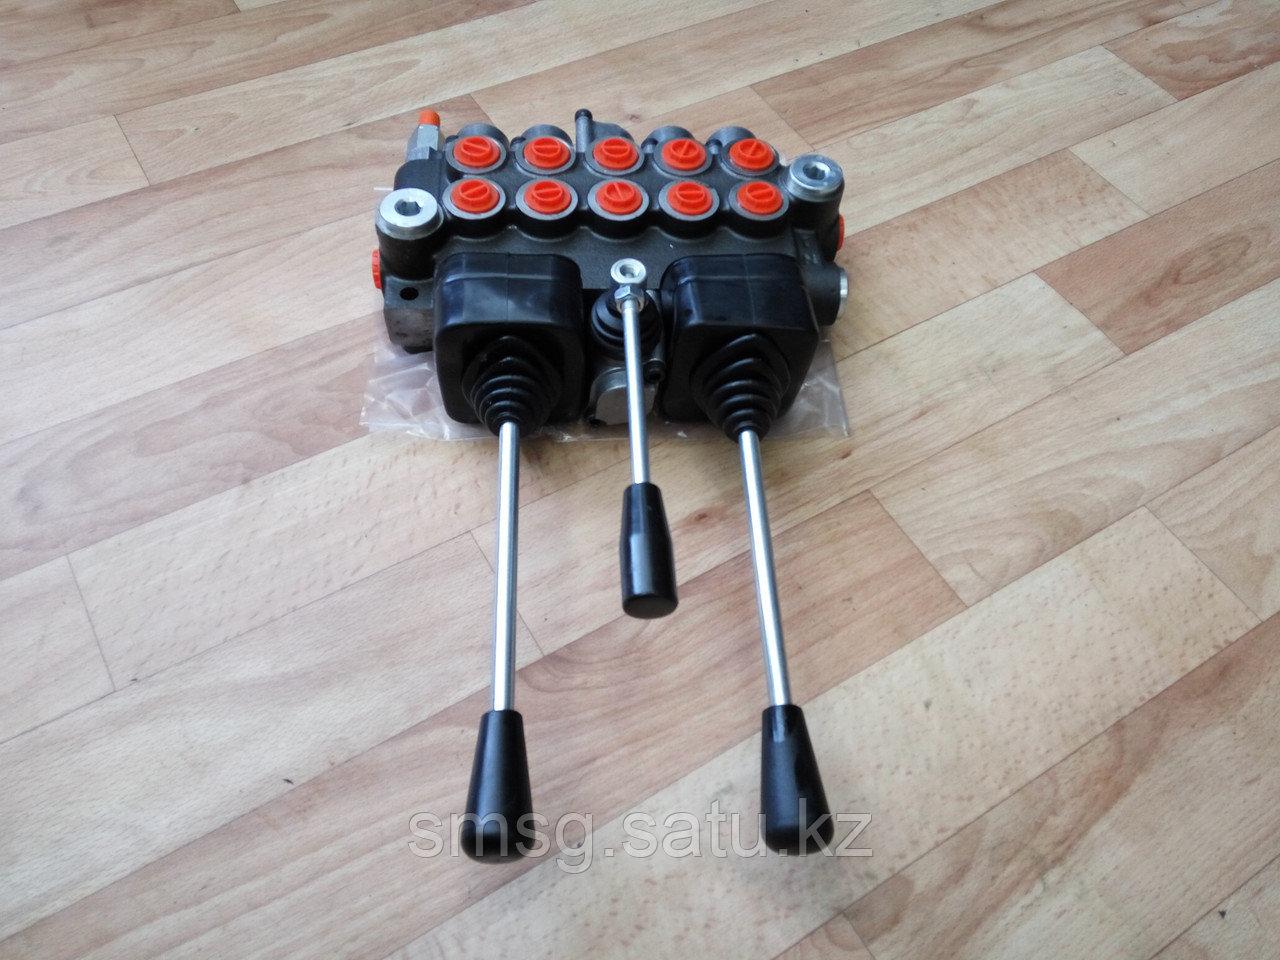 Гидрораспределитель 05Z-50 с джойстиками для минитехники на 5 операций